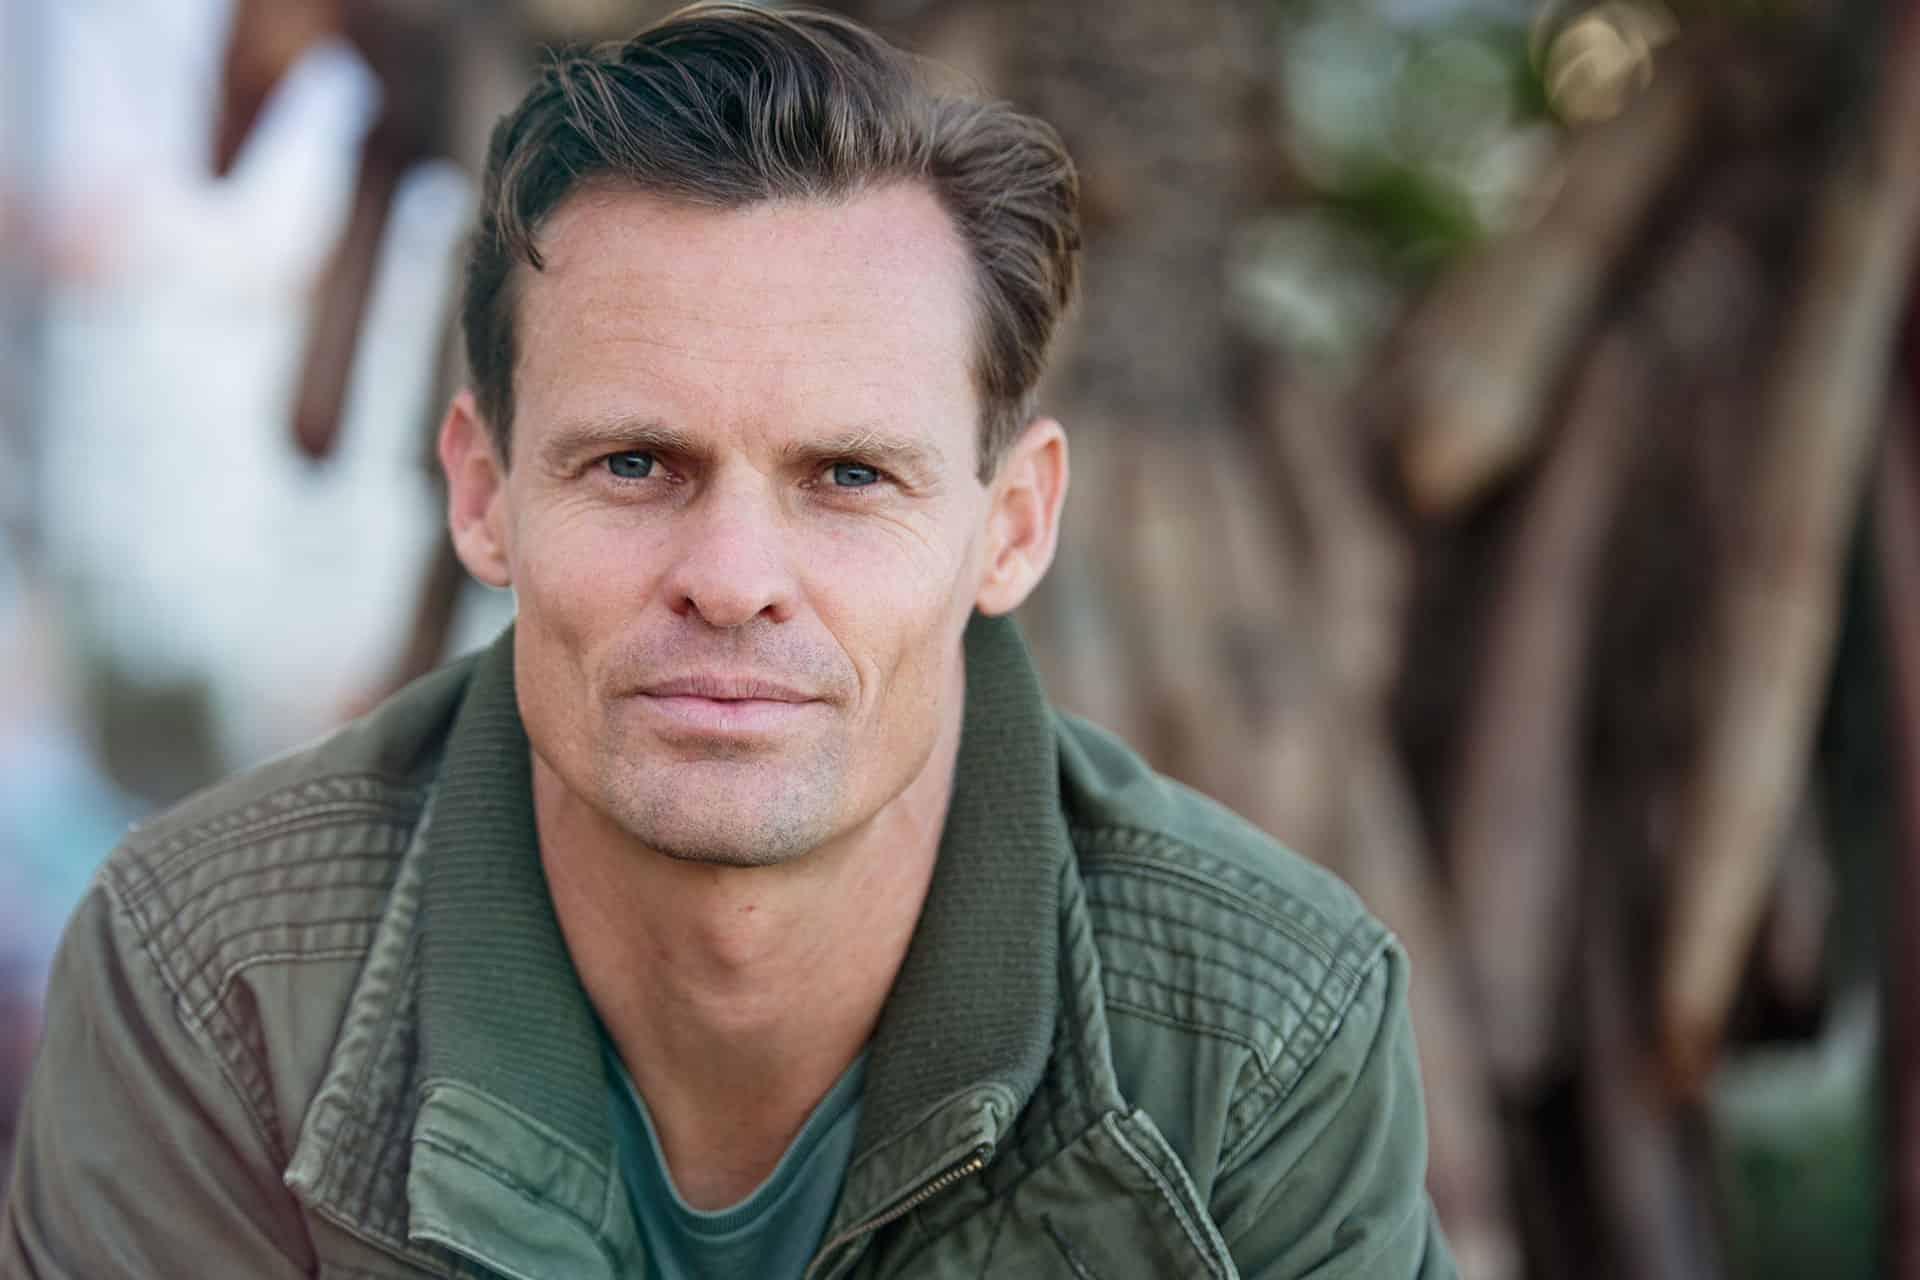 Männergesundheit: Das eigene Wohlbefinden in den Fokus rücken